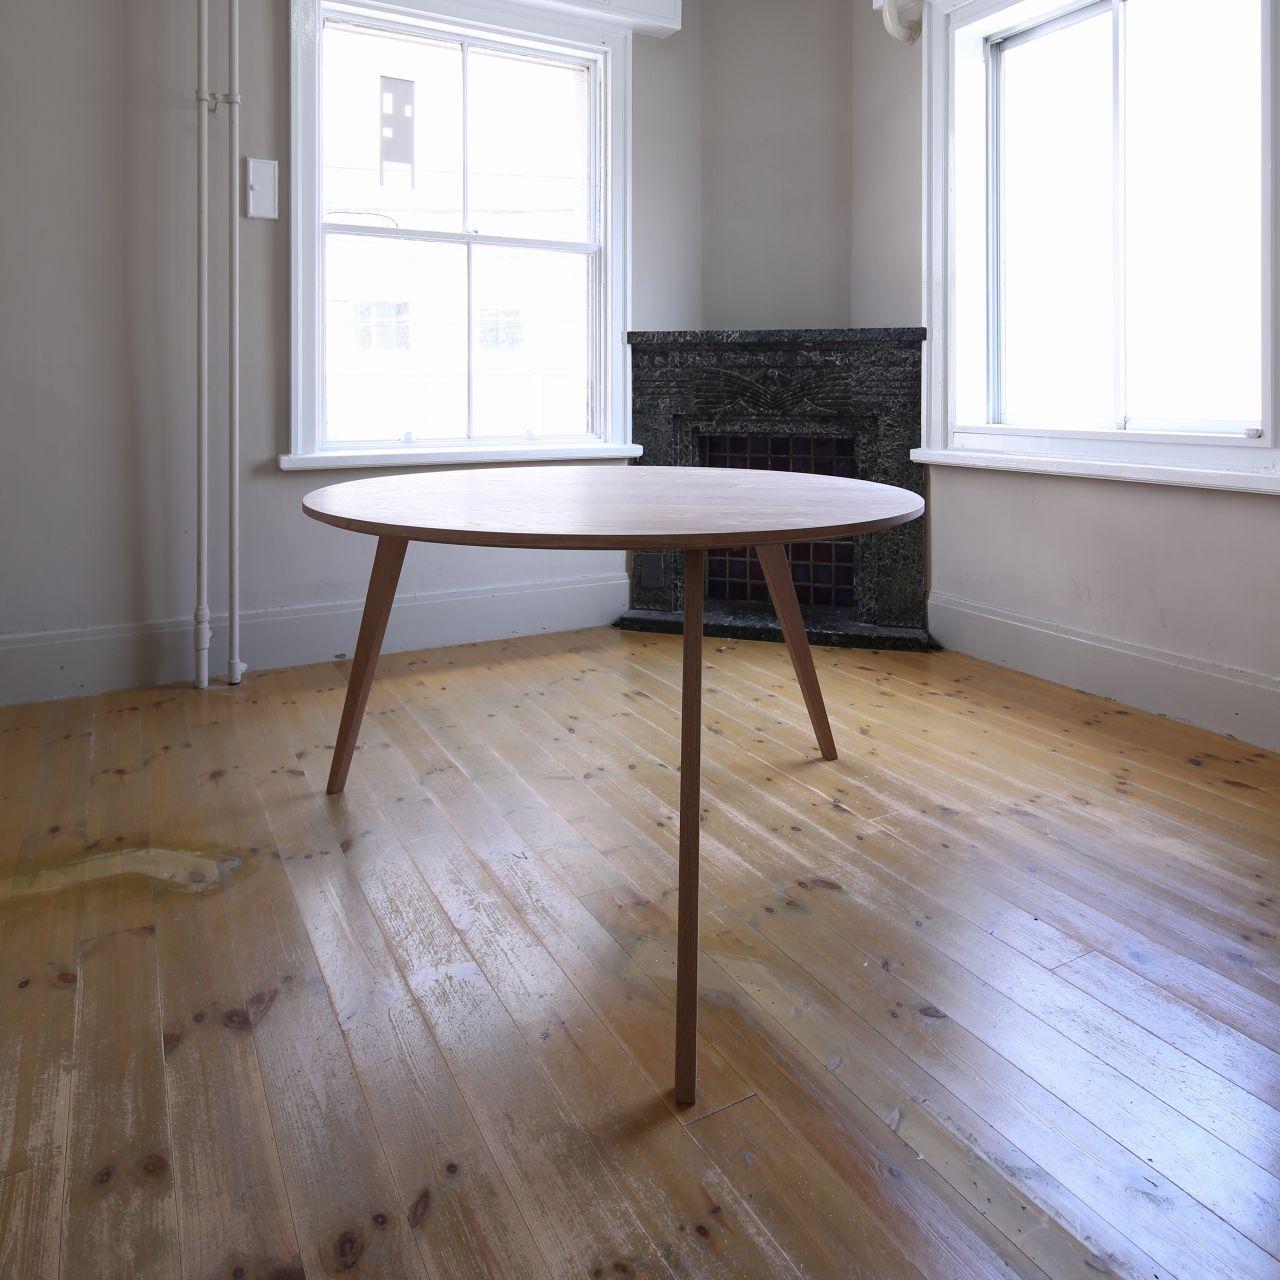 H24 オーク材丸テーブル 直径120㎝